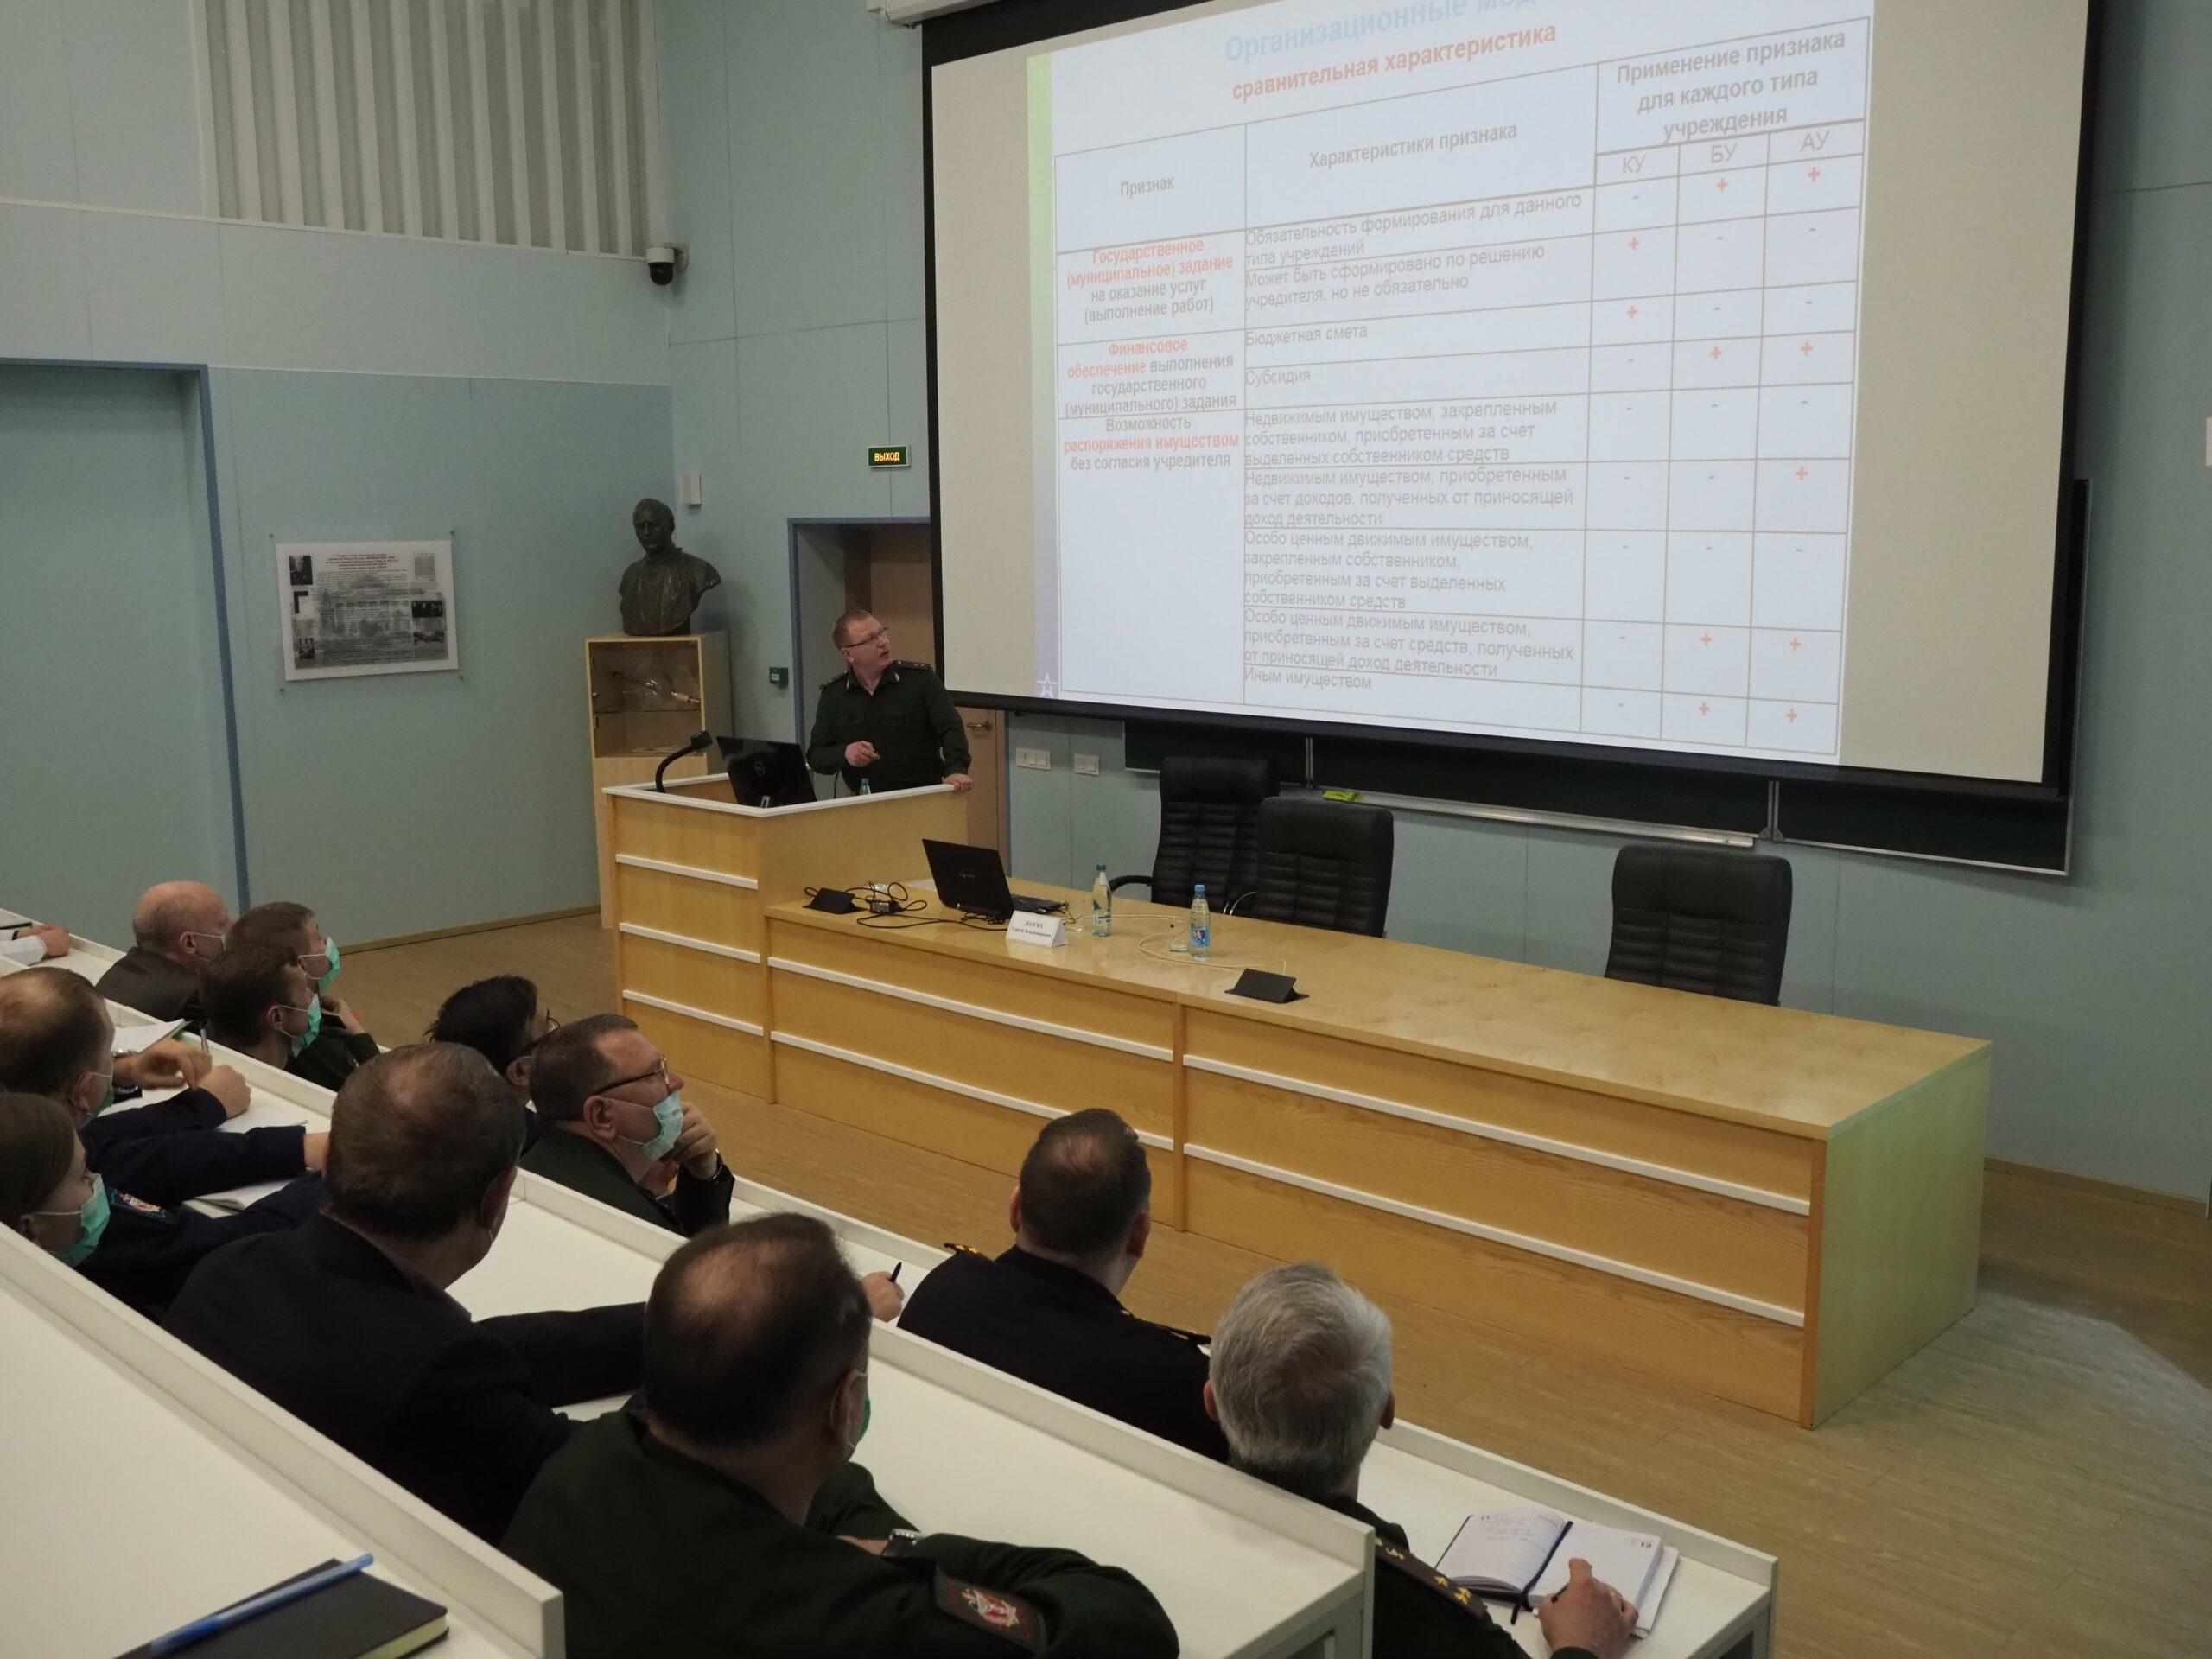 Заместитель начальника Главного военно-медицинского управления Сергей Долгих выступил с лекцией перед личным составом академии